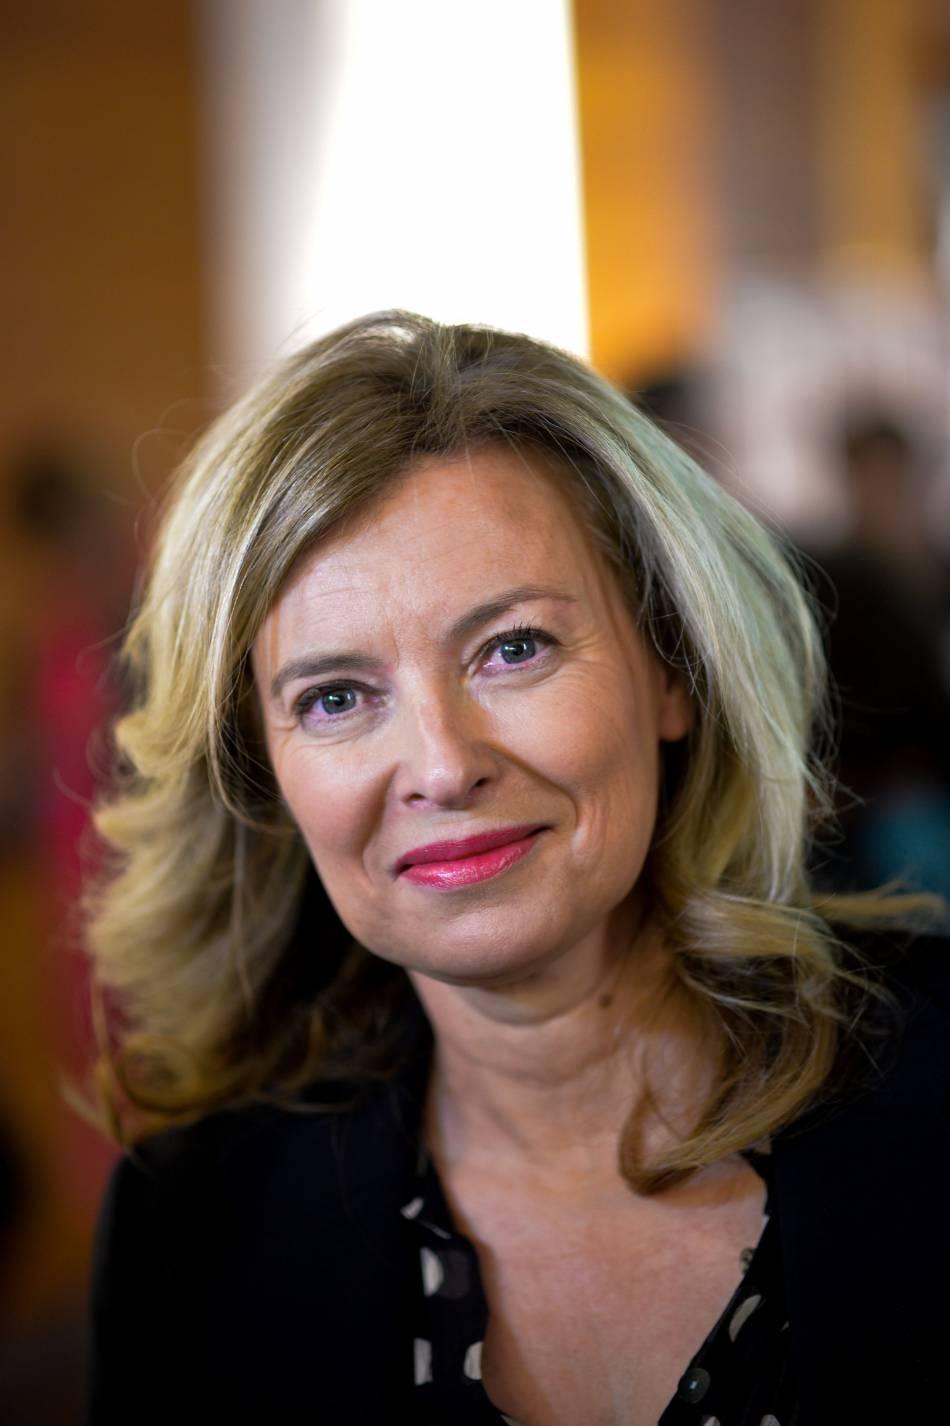 Valérie Trierweiler apparait de nouveau photoshopée pour  Richesse  magazine.